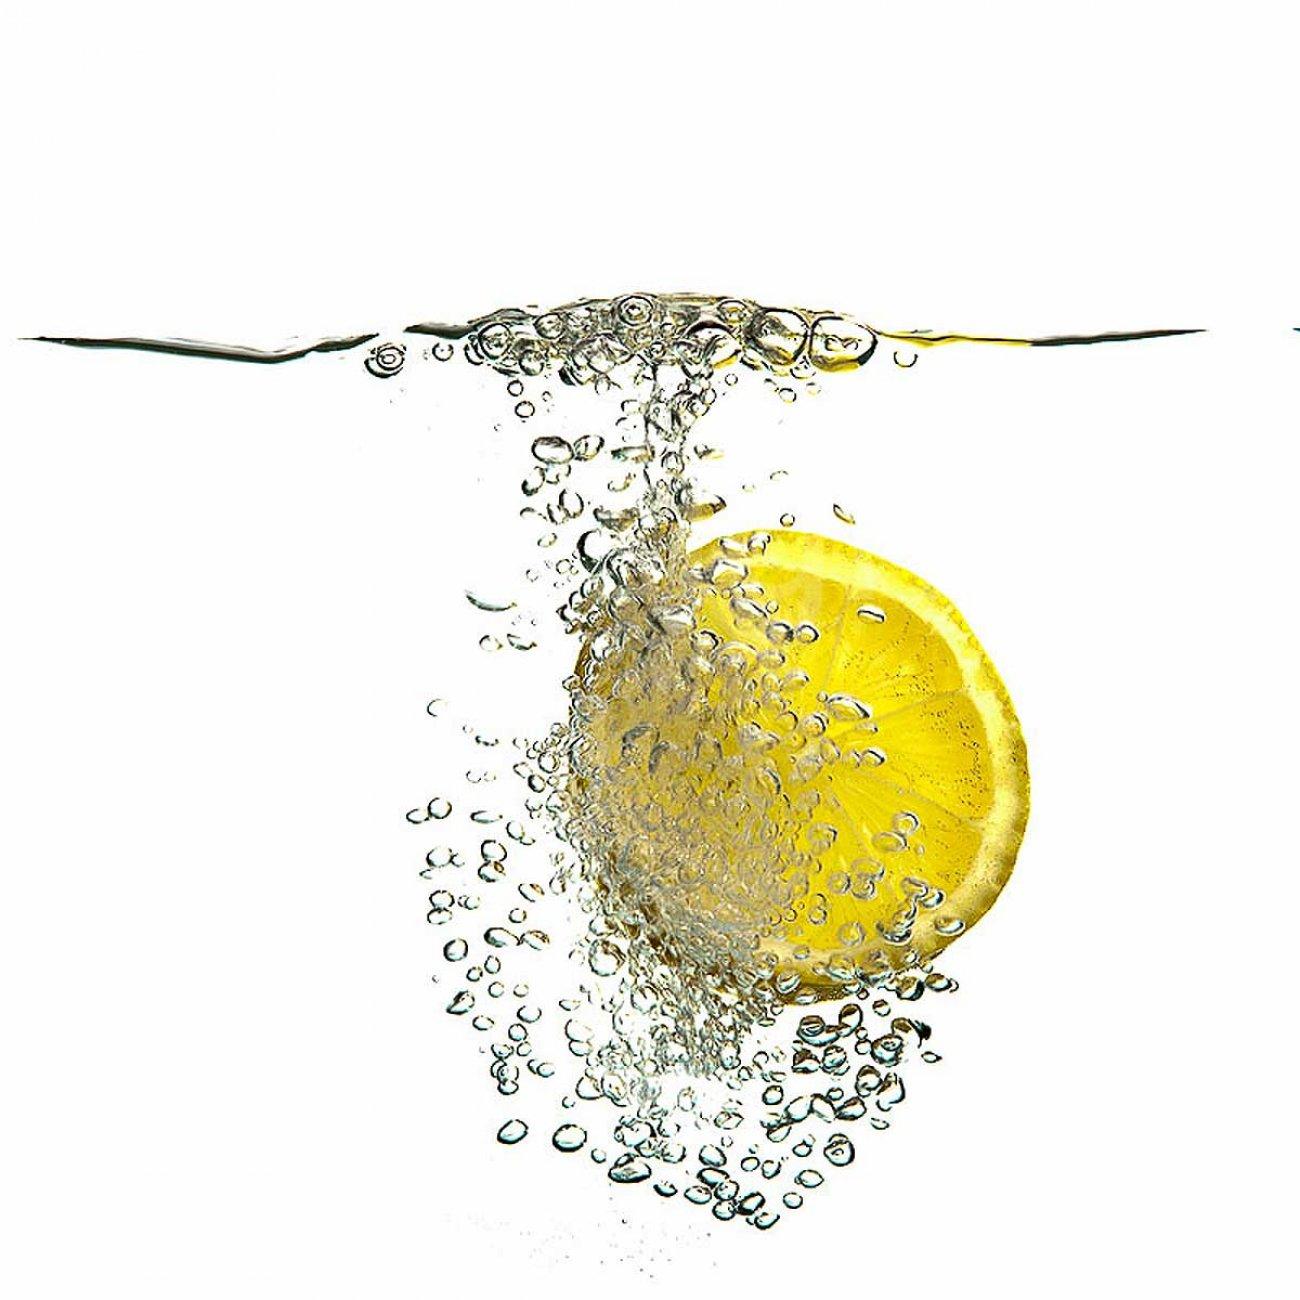 Limone 50 - Beutel 2 kg - Eispulver Speiseeispulver